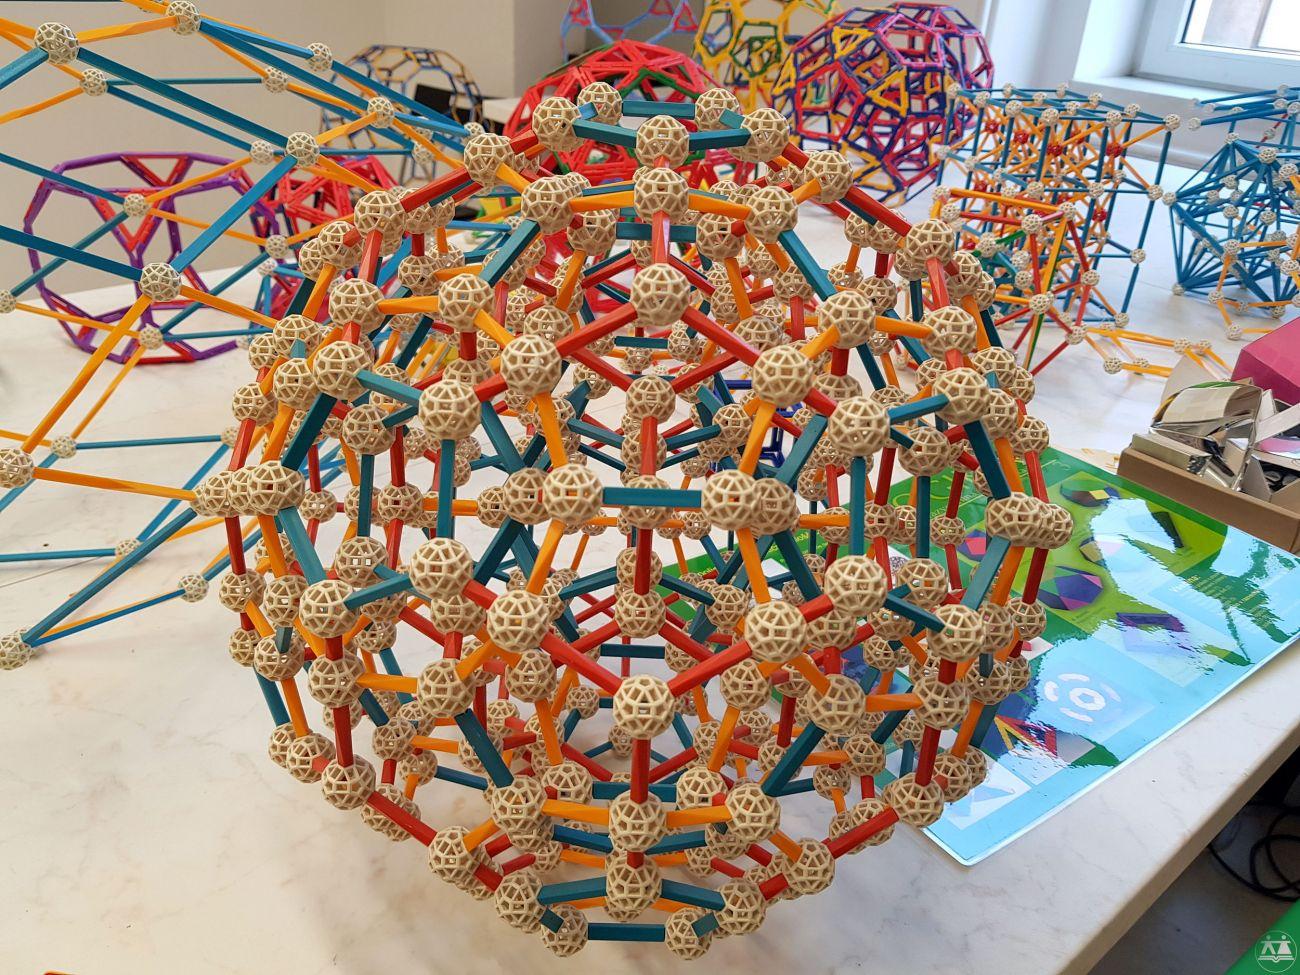 Hisa-poliedrov-drzavni-zbor-hisa-iluzij-011